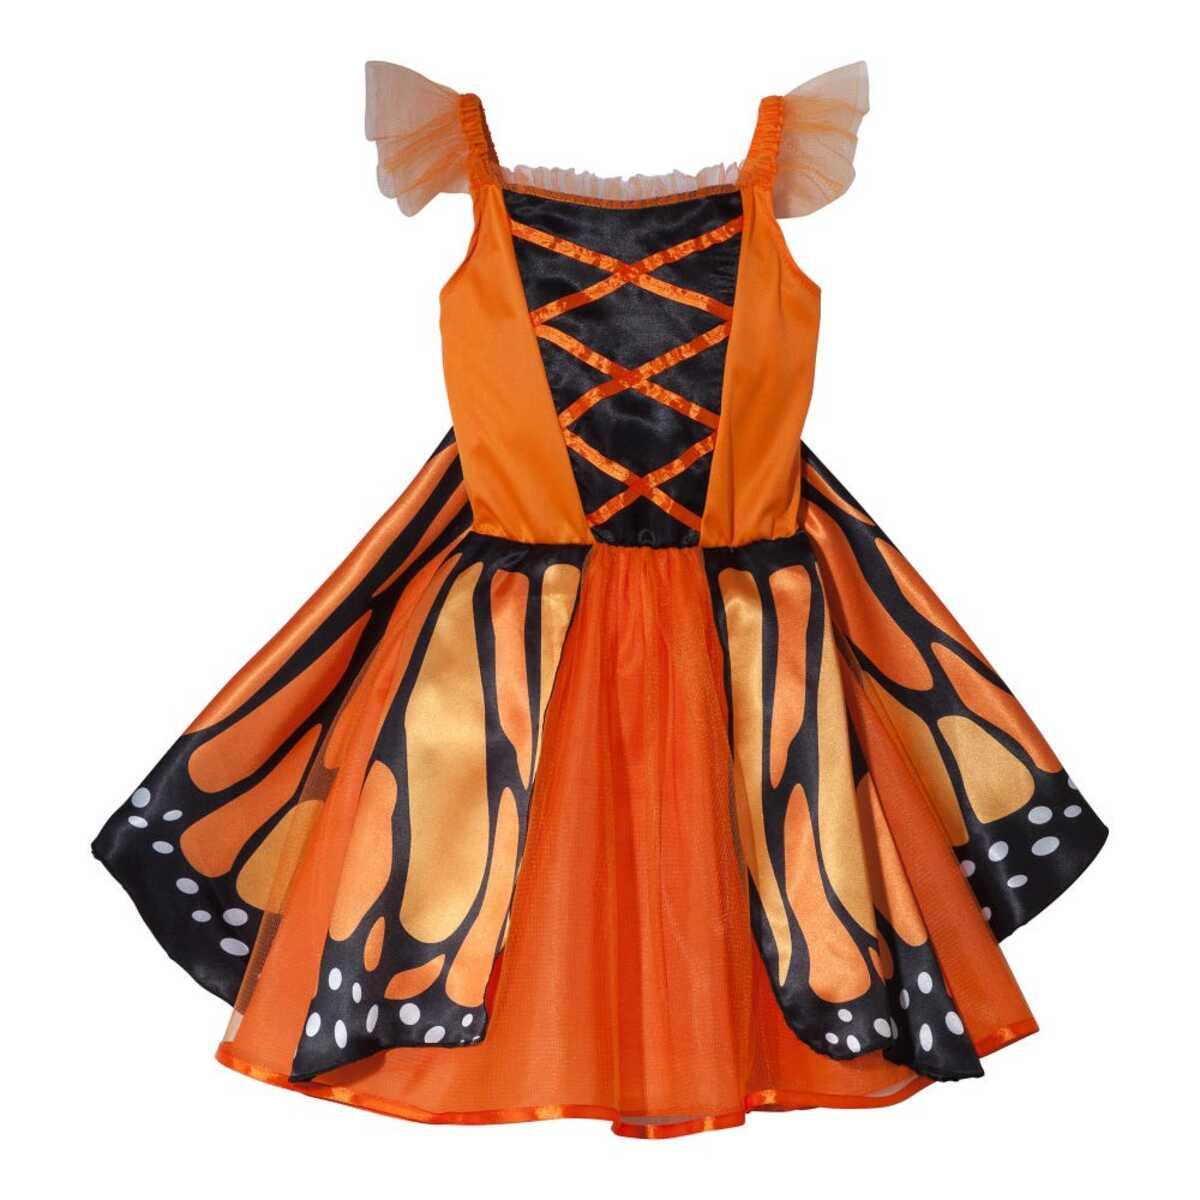 Bild 2 von Schmetterling- oder Pfau-Kostüm mit Flügeln für Erwachsene